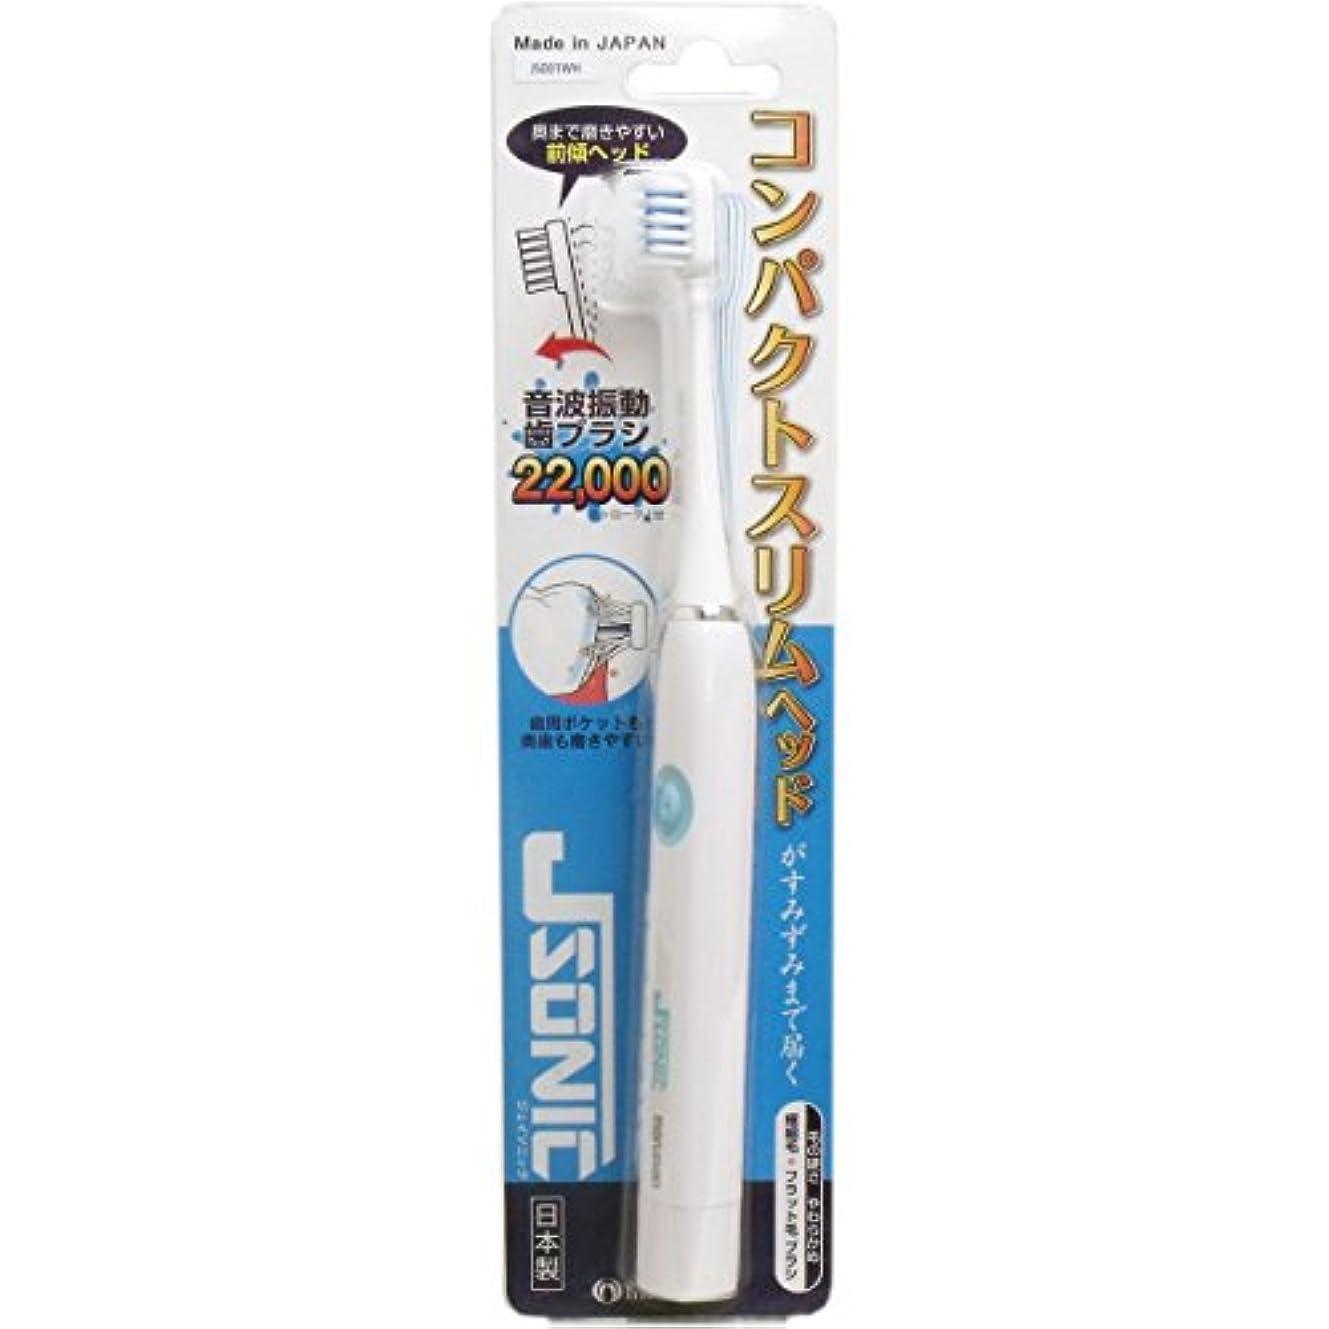 自伝試してみる不健全ジェイソニック 音波振動歯ブラシ コンパクトスリムヘッド ホワイト